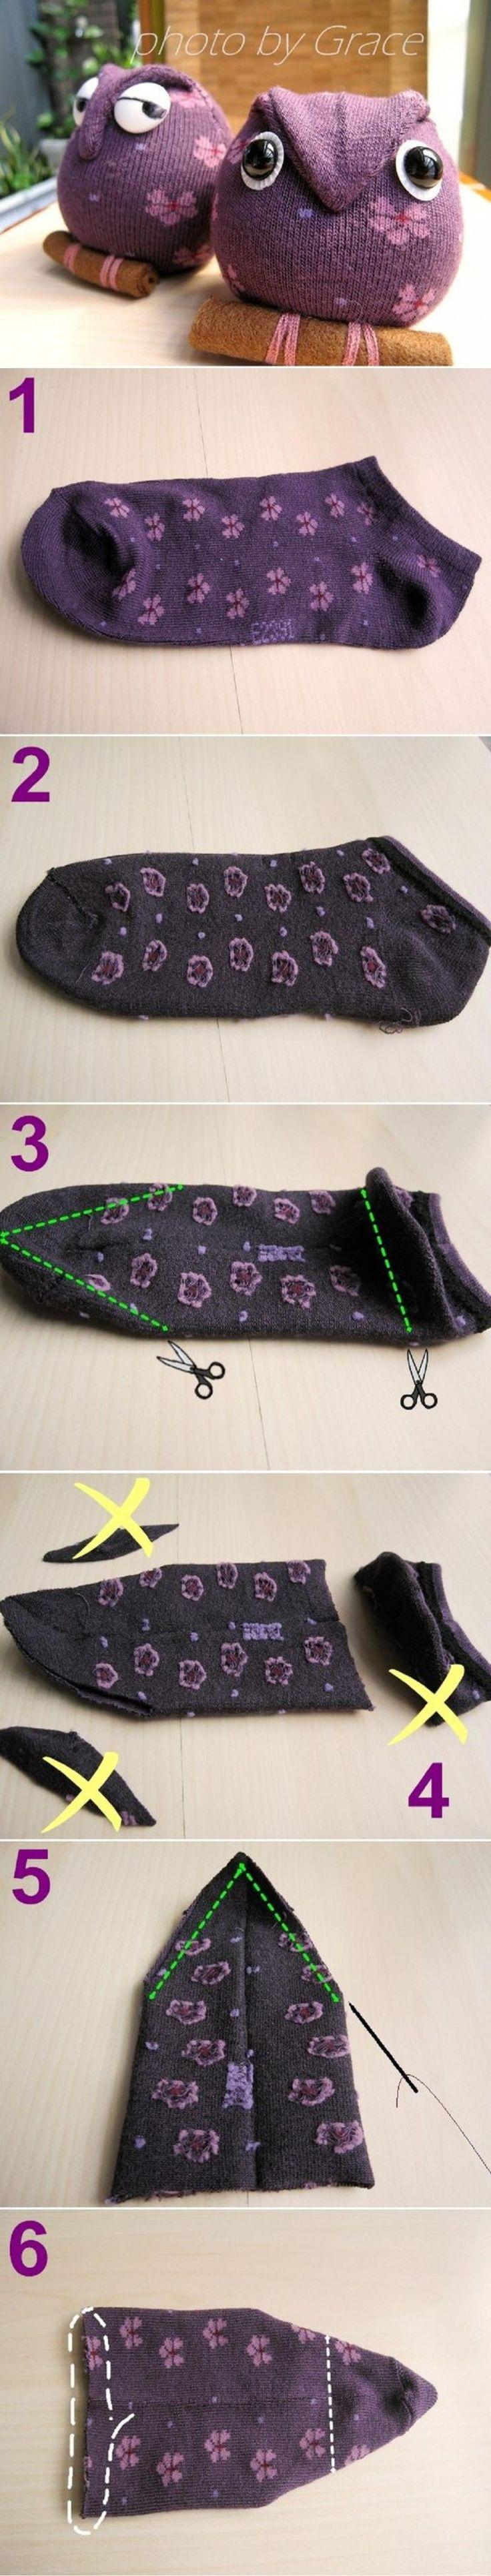 Bricolez de beaux hiboux avec des petites chaussettes! Le modèle le plus easy à confectionner!